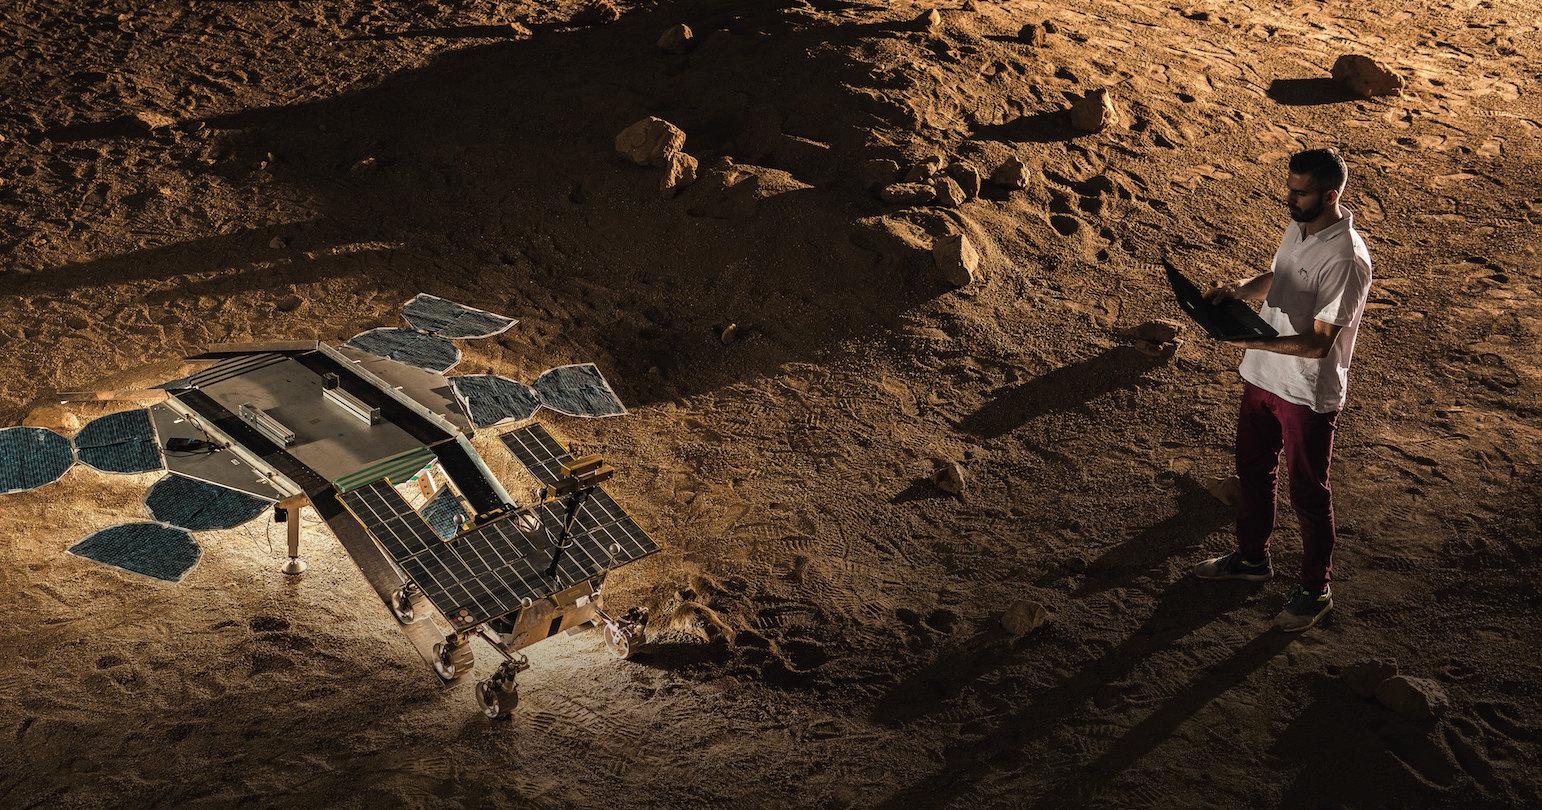 Марсианские хроники 2020: кто хочет попасть на Красную планету